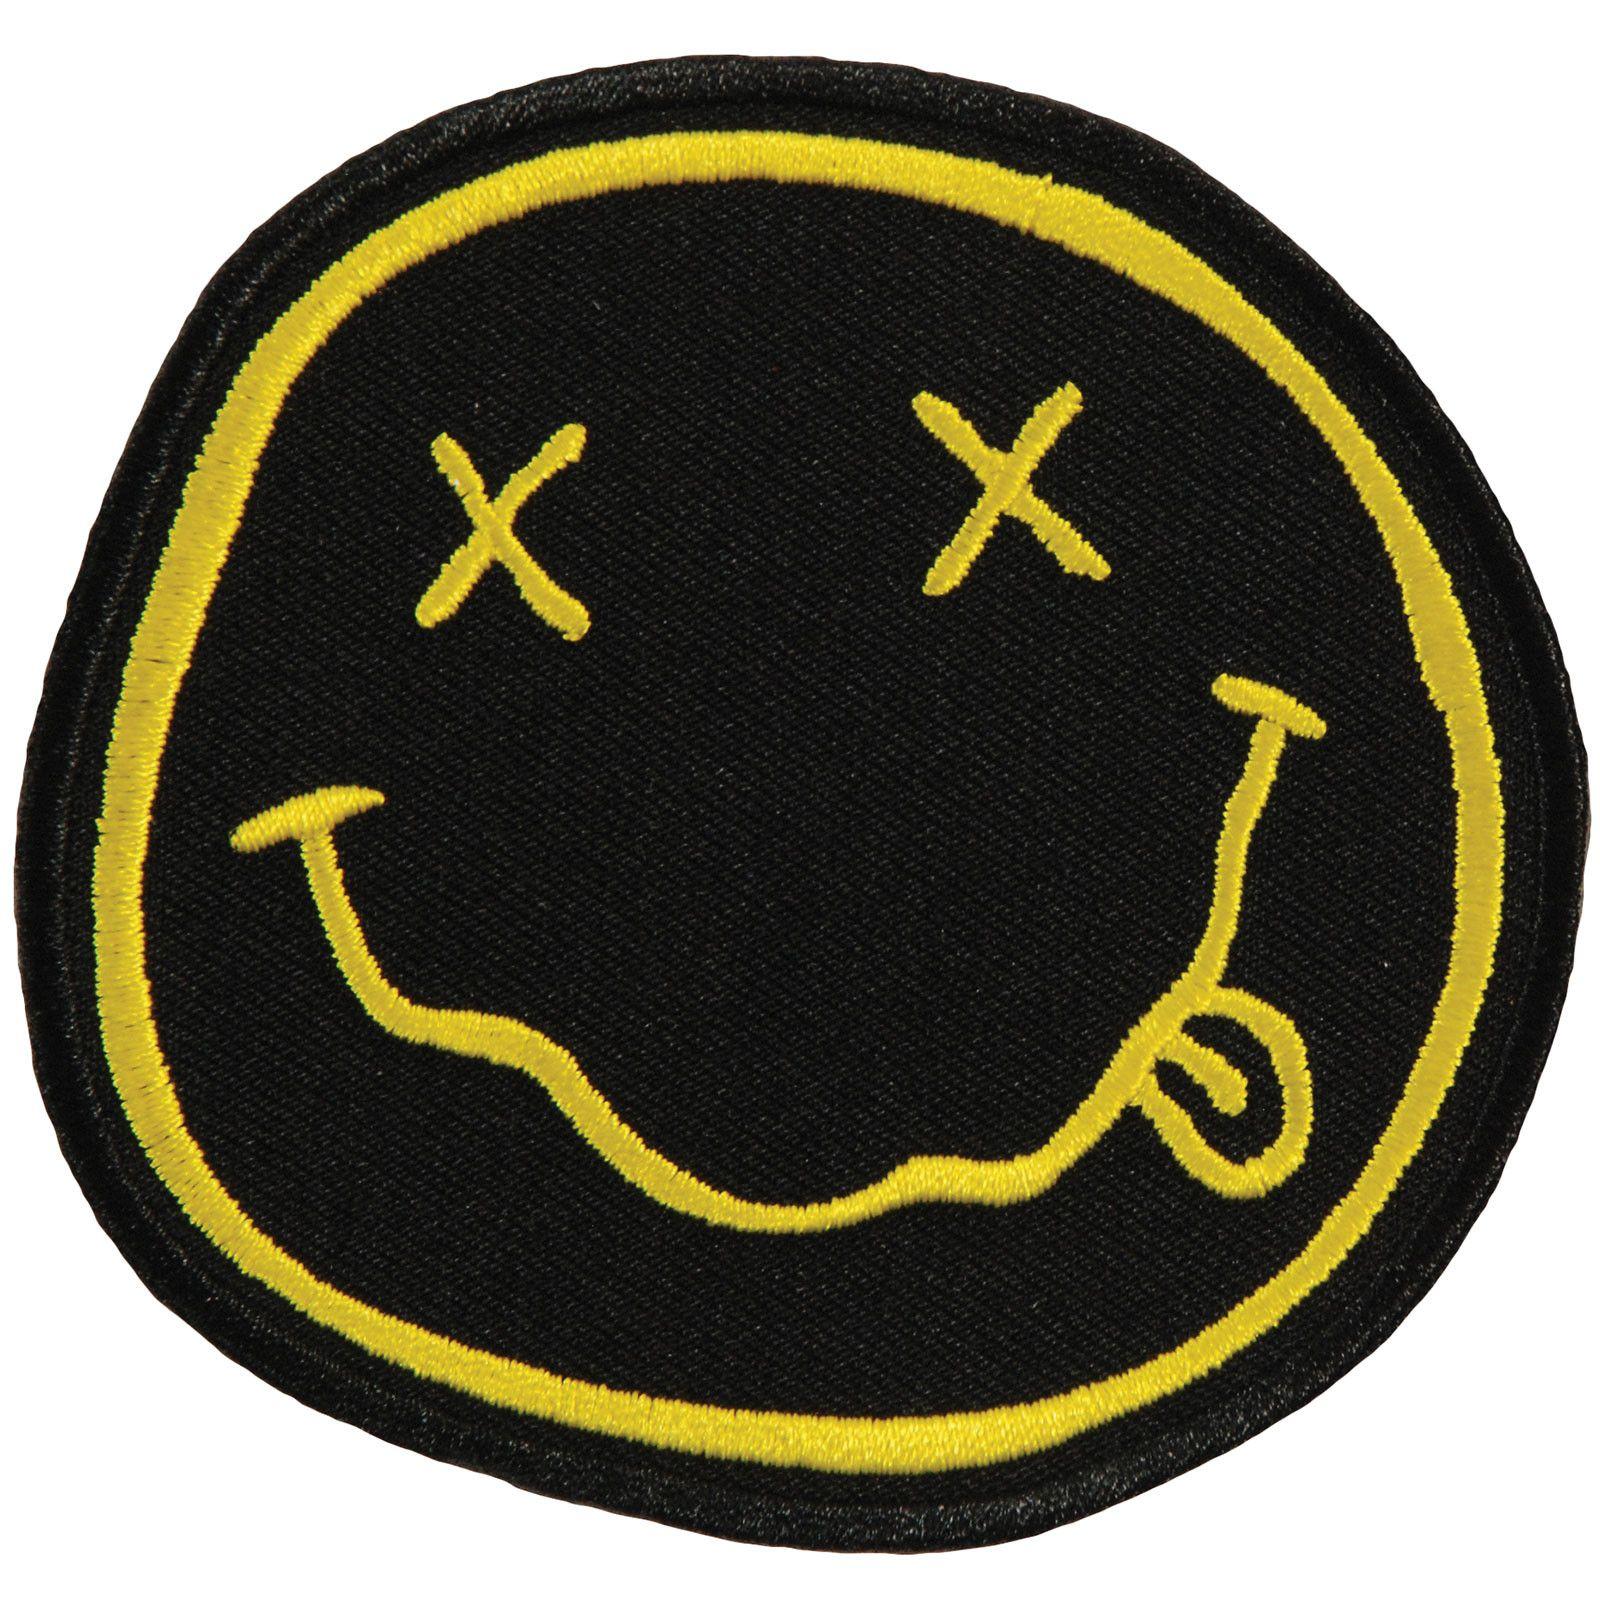 Pin by 𝕬𝖓𝖓𝖒𝖆𝖗𝖎𝖊 on ☞ƨтıтcнεƨ вıтcнεƨ☜ Nirvana smiley